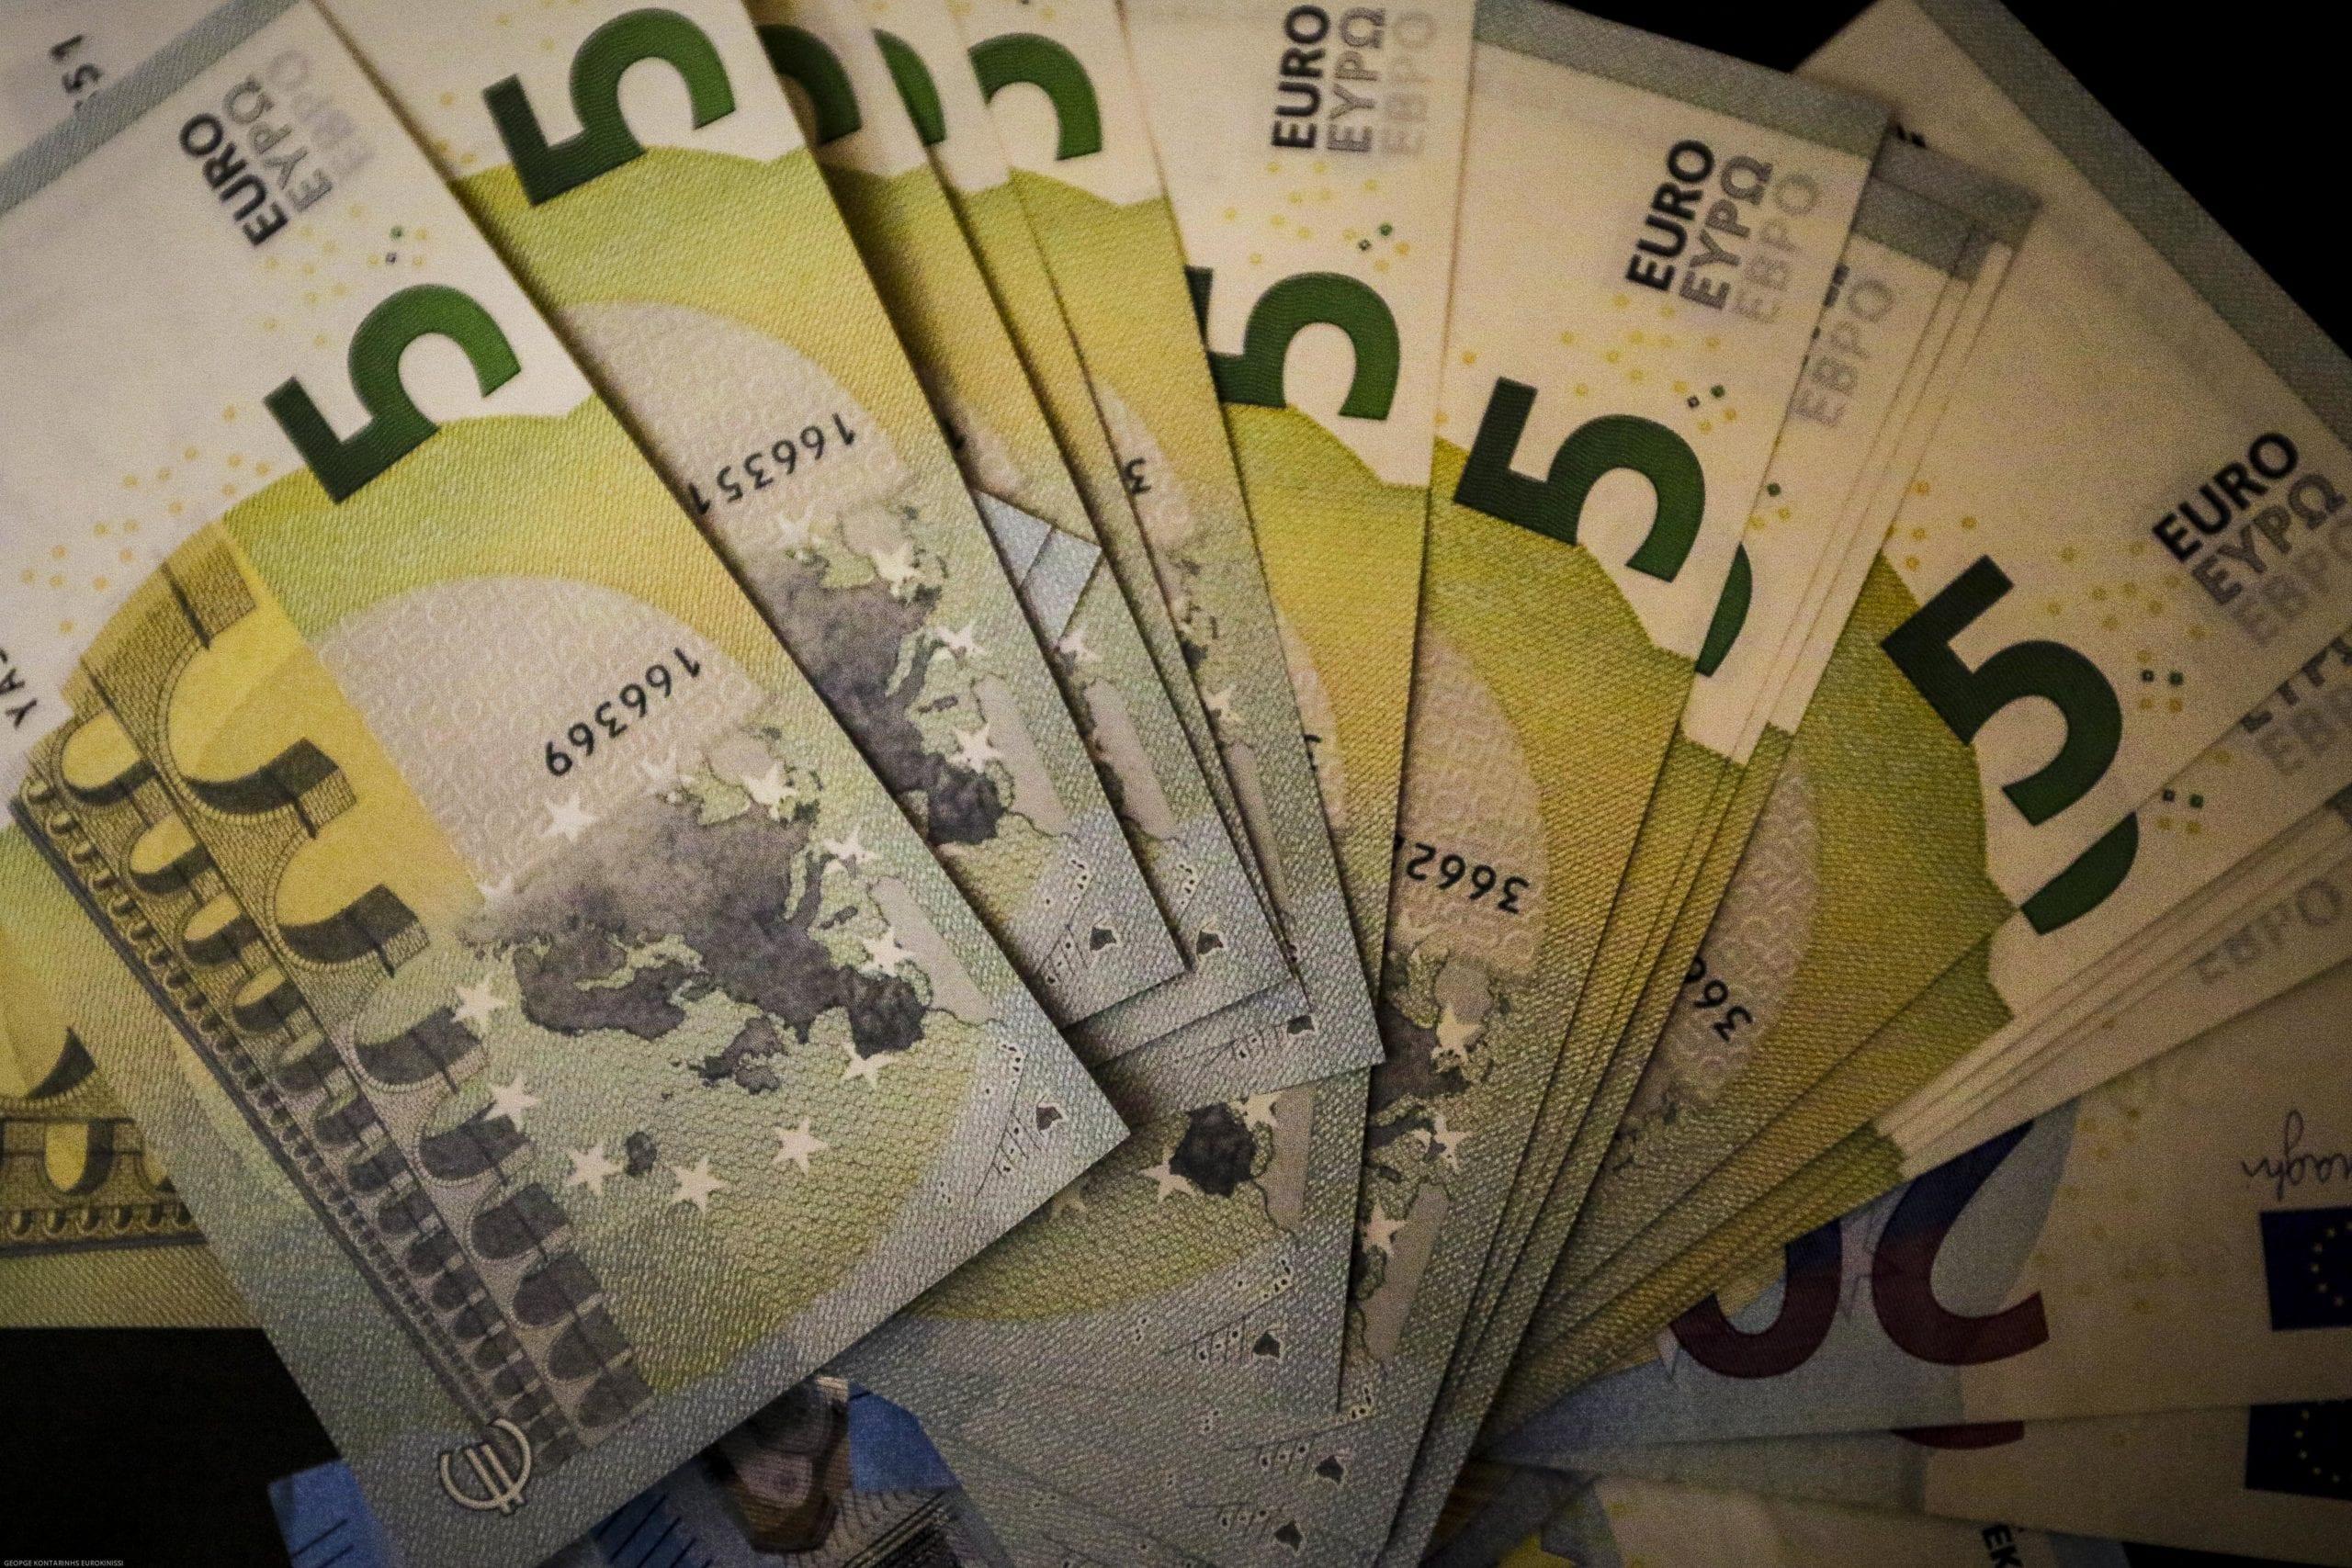 Μπήκε το Α21 στα ΑΤΜ - Κοινωνικό εισόδημα αλληλεγγύης ΚΕΑ Πληρωμή ΚΕΑ Μαρτίου 2020 Πληρωμή - Ελάχιστο Εγγυημένο Εισόδημα Κοινωνικό μέρισμα 2019 - Επίδομα θέρμανσης: Ξεκίνησε η πληρωμή Κοινωνικό Μέρισμα 2019: Πότε μπαίνει στους τραπεζικούς λογαριασμούς - Ποιοι είναι οριστικά οι Δικαιούχοι - Πώς κάνετε αίτηση στο koinonikomerisma.gr